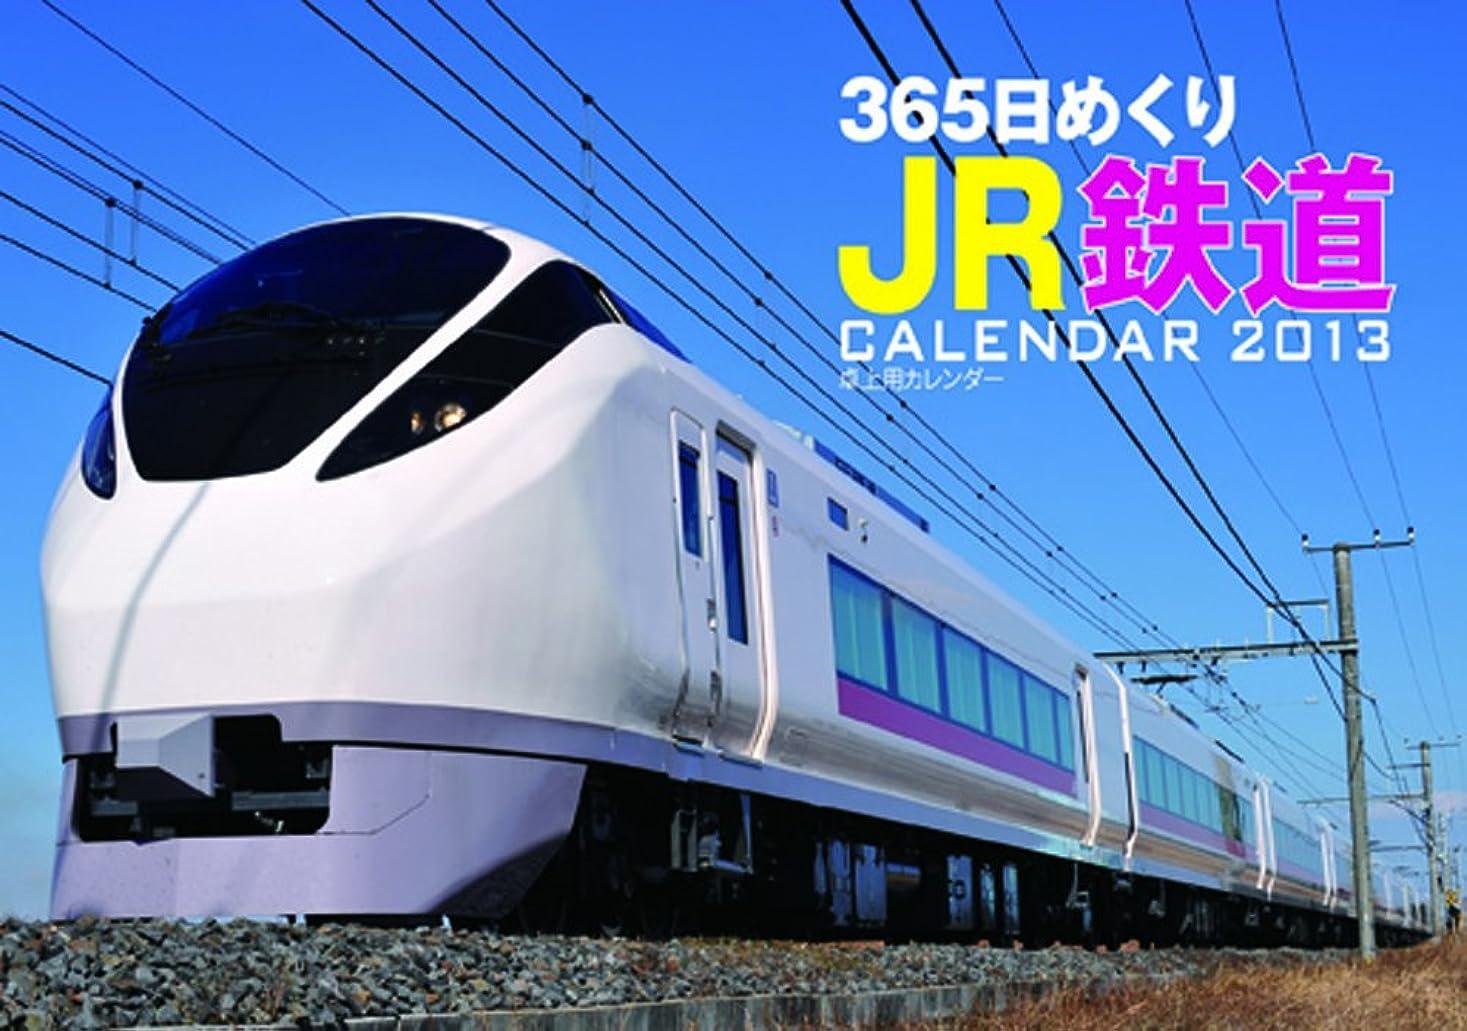 オリエンテーション文明失速365日めくりJR鉄道カレンダー 2013 ([カレンダー])